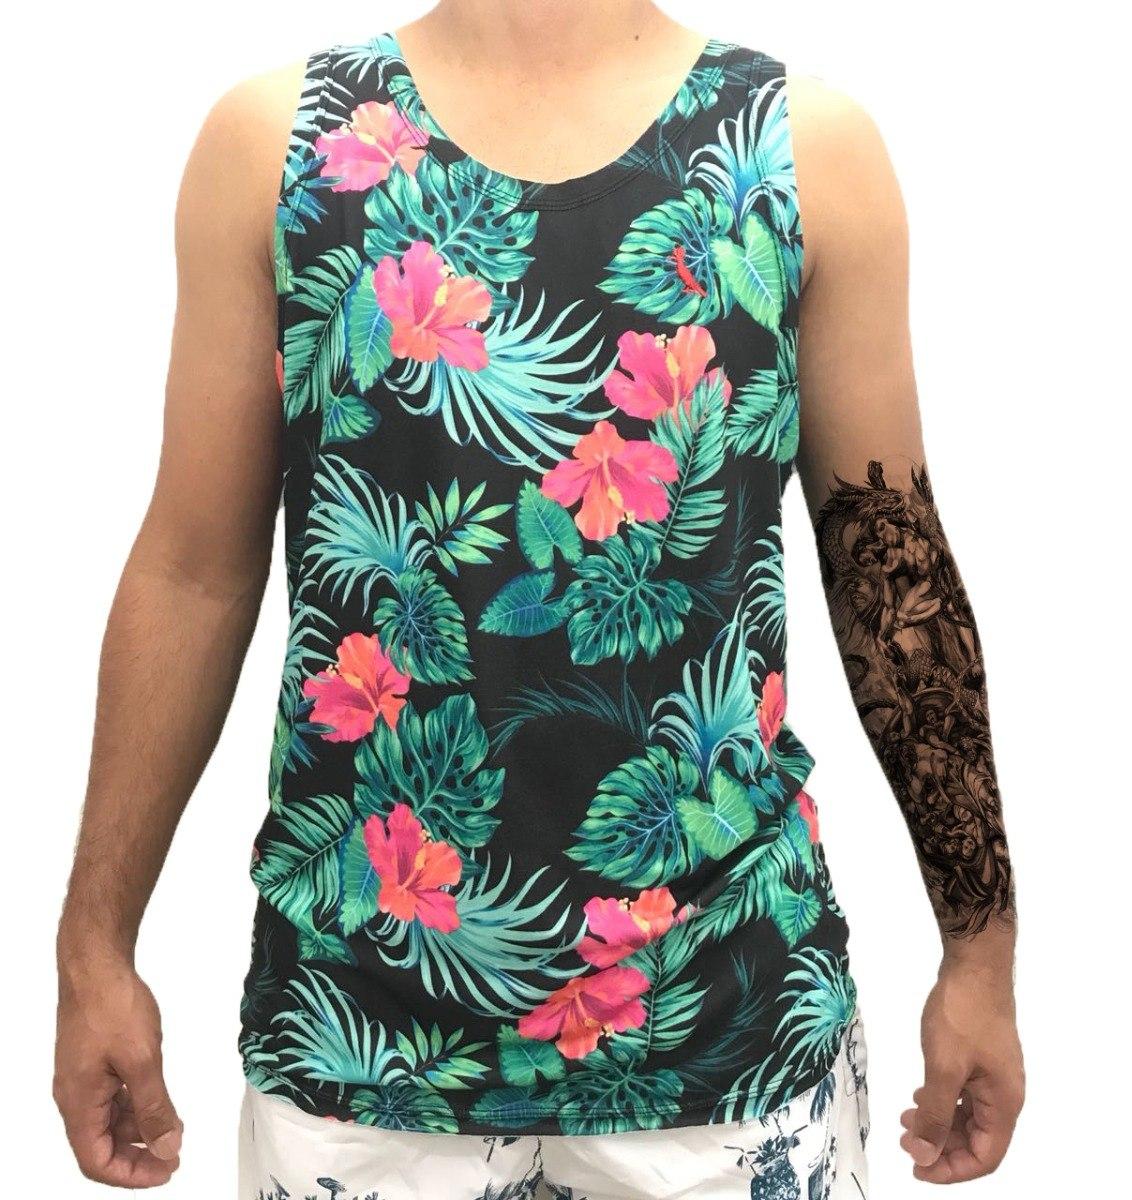 camisa regata masculina algodão estampada florida floral. Carregando zoom. 979bd95ff92